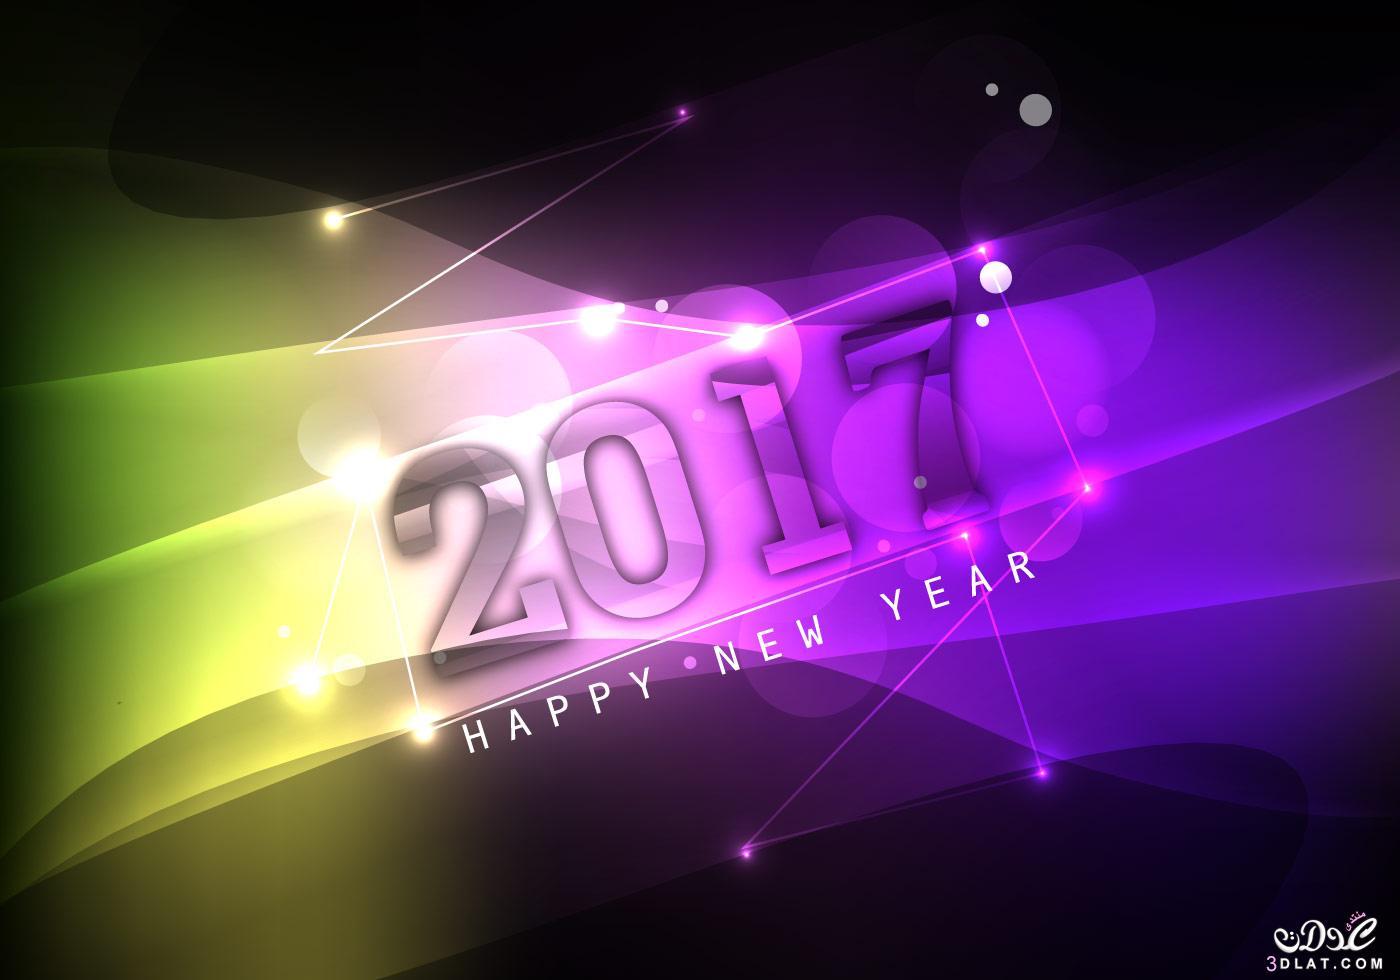 خلفيات جديدة لراس السنة الميلادية 2017 , اروع الخلفيات للعام الجديد , احدث الرمزيات للعام 2017 new_1479739244_313.j